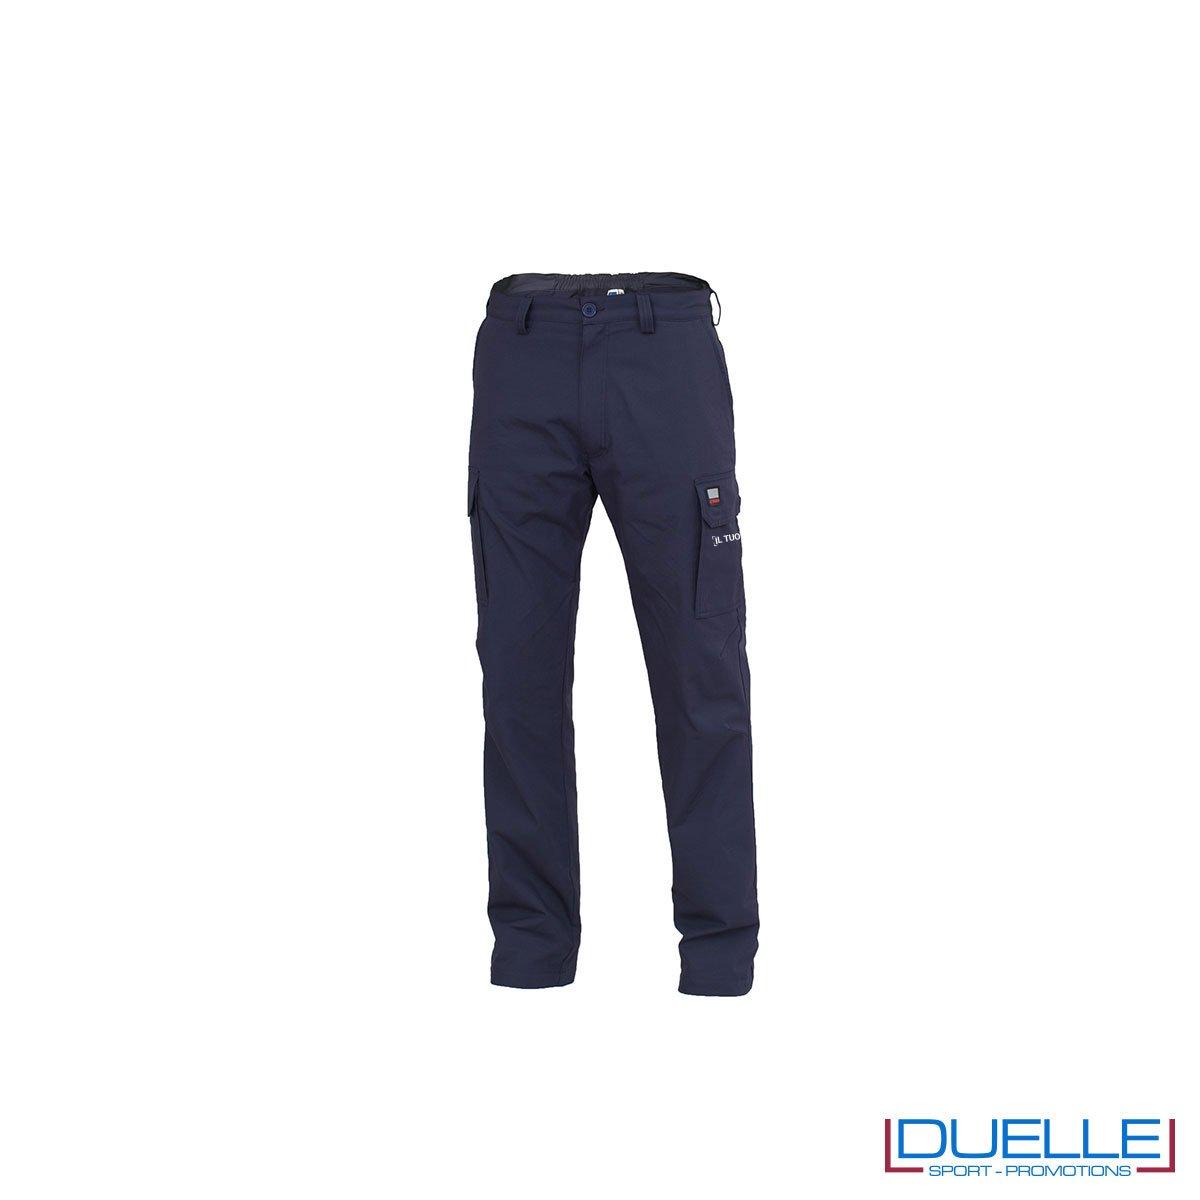 Pantalone da lavoro AMSTERDAM personalizzato in colore BLU